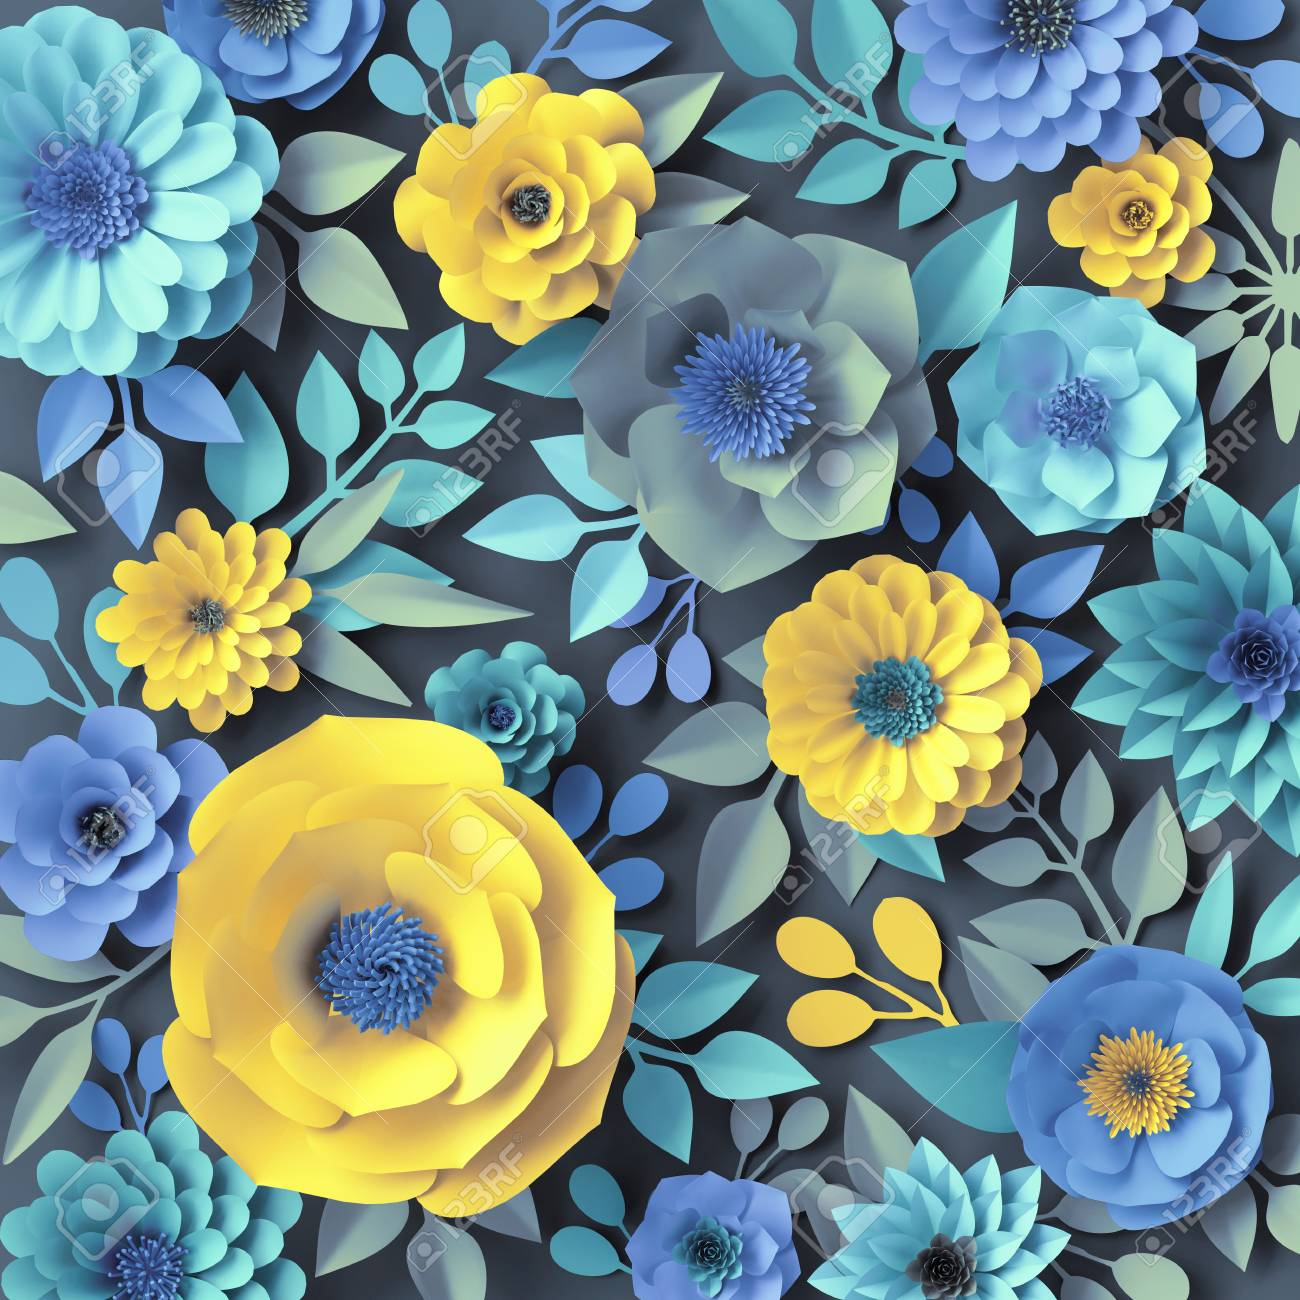 3d render blue yellow